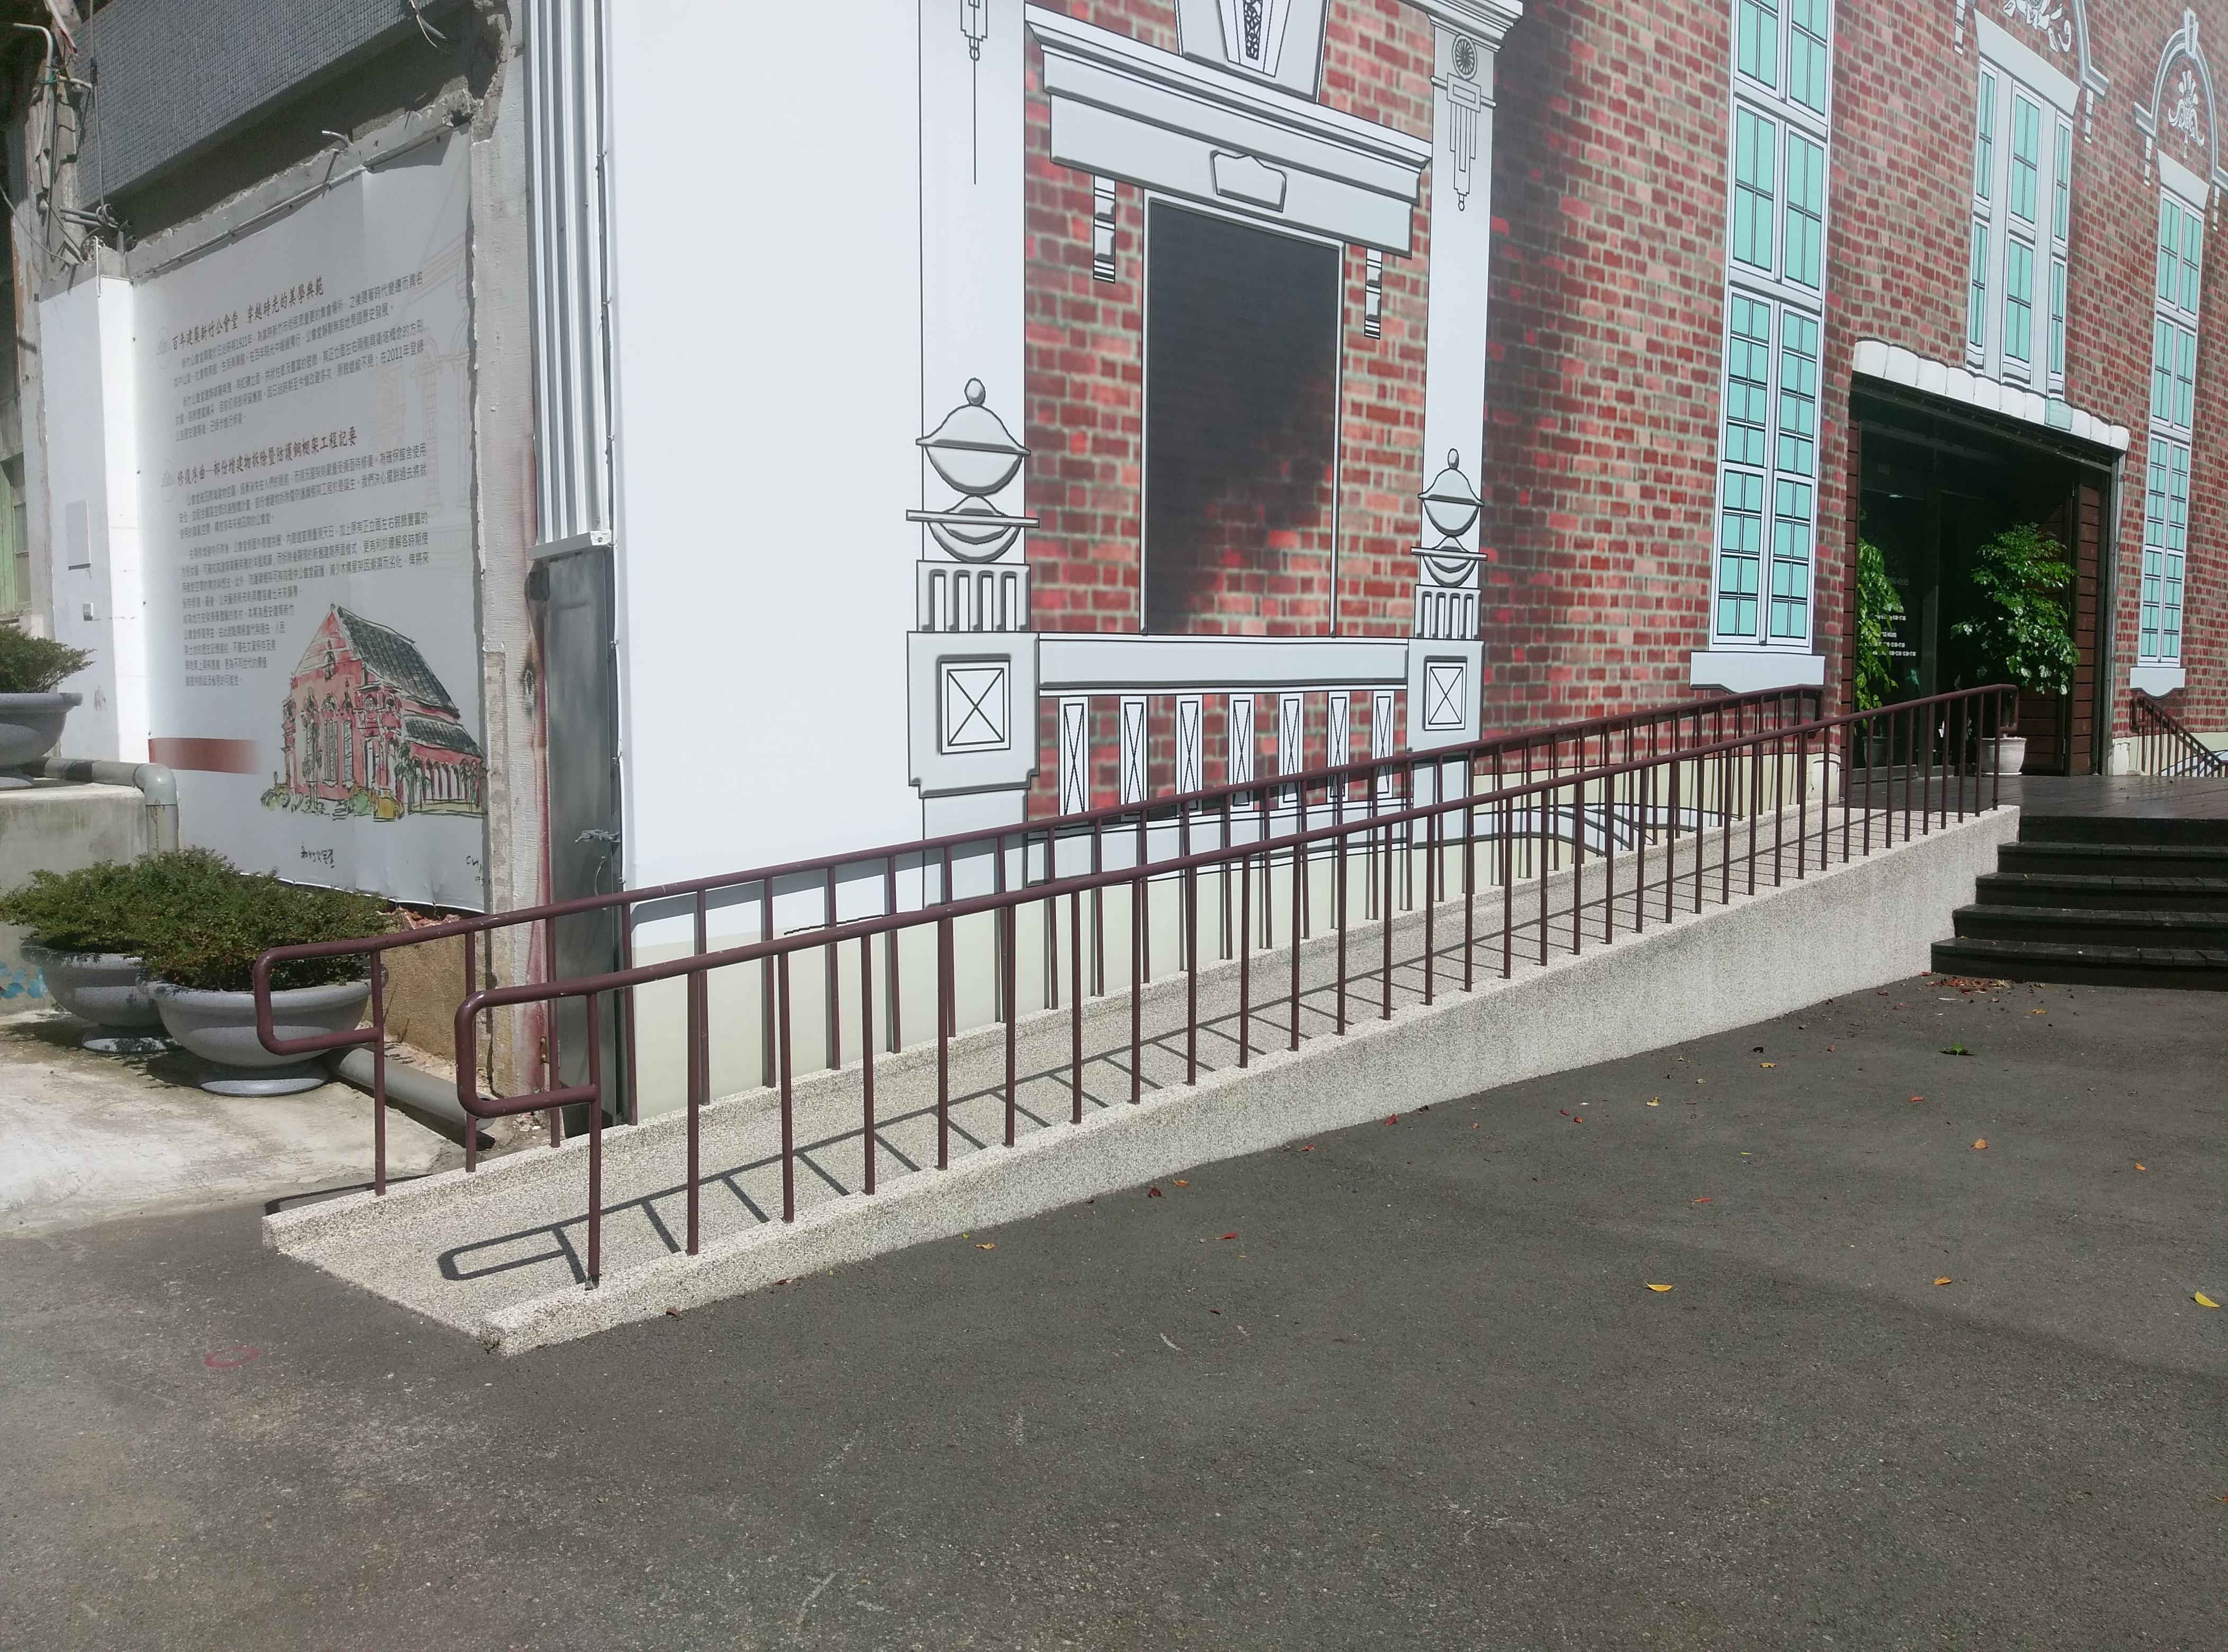 國立新竹生活美學館的無障礙坡道外觀照